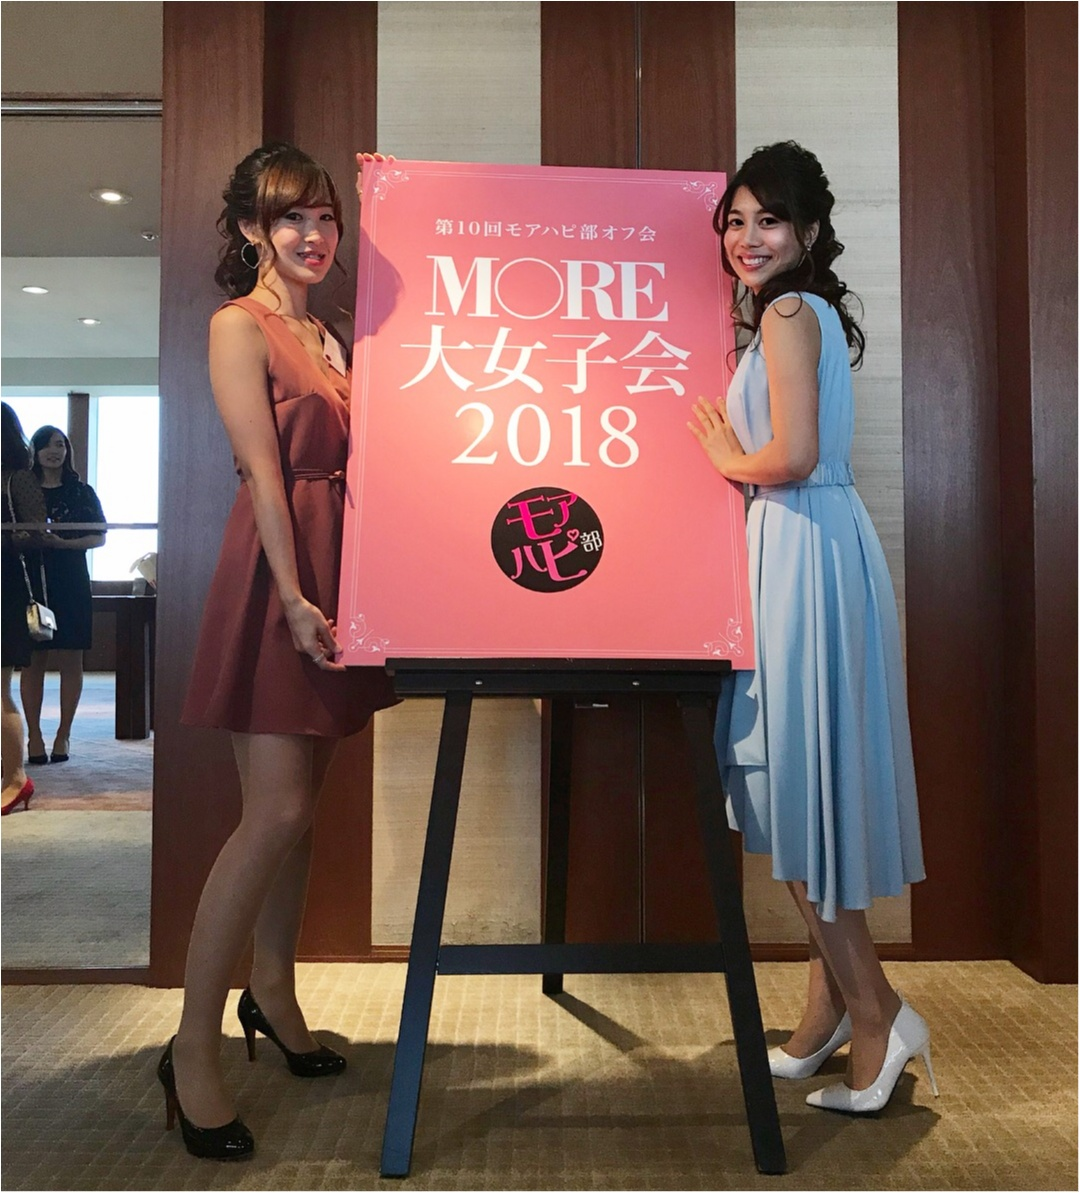 【PARTY】MORE大女子会2018♡年に一度、モアハピ部員が大集合♡!_1